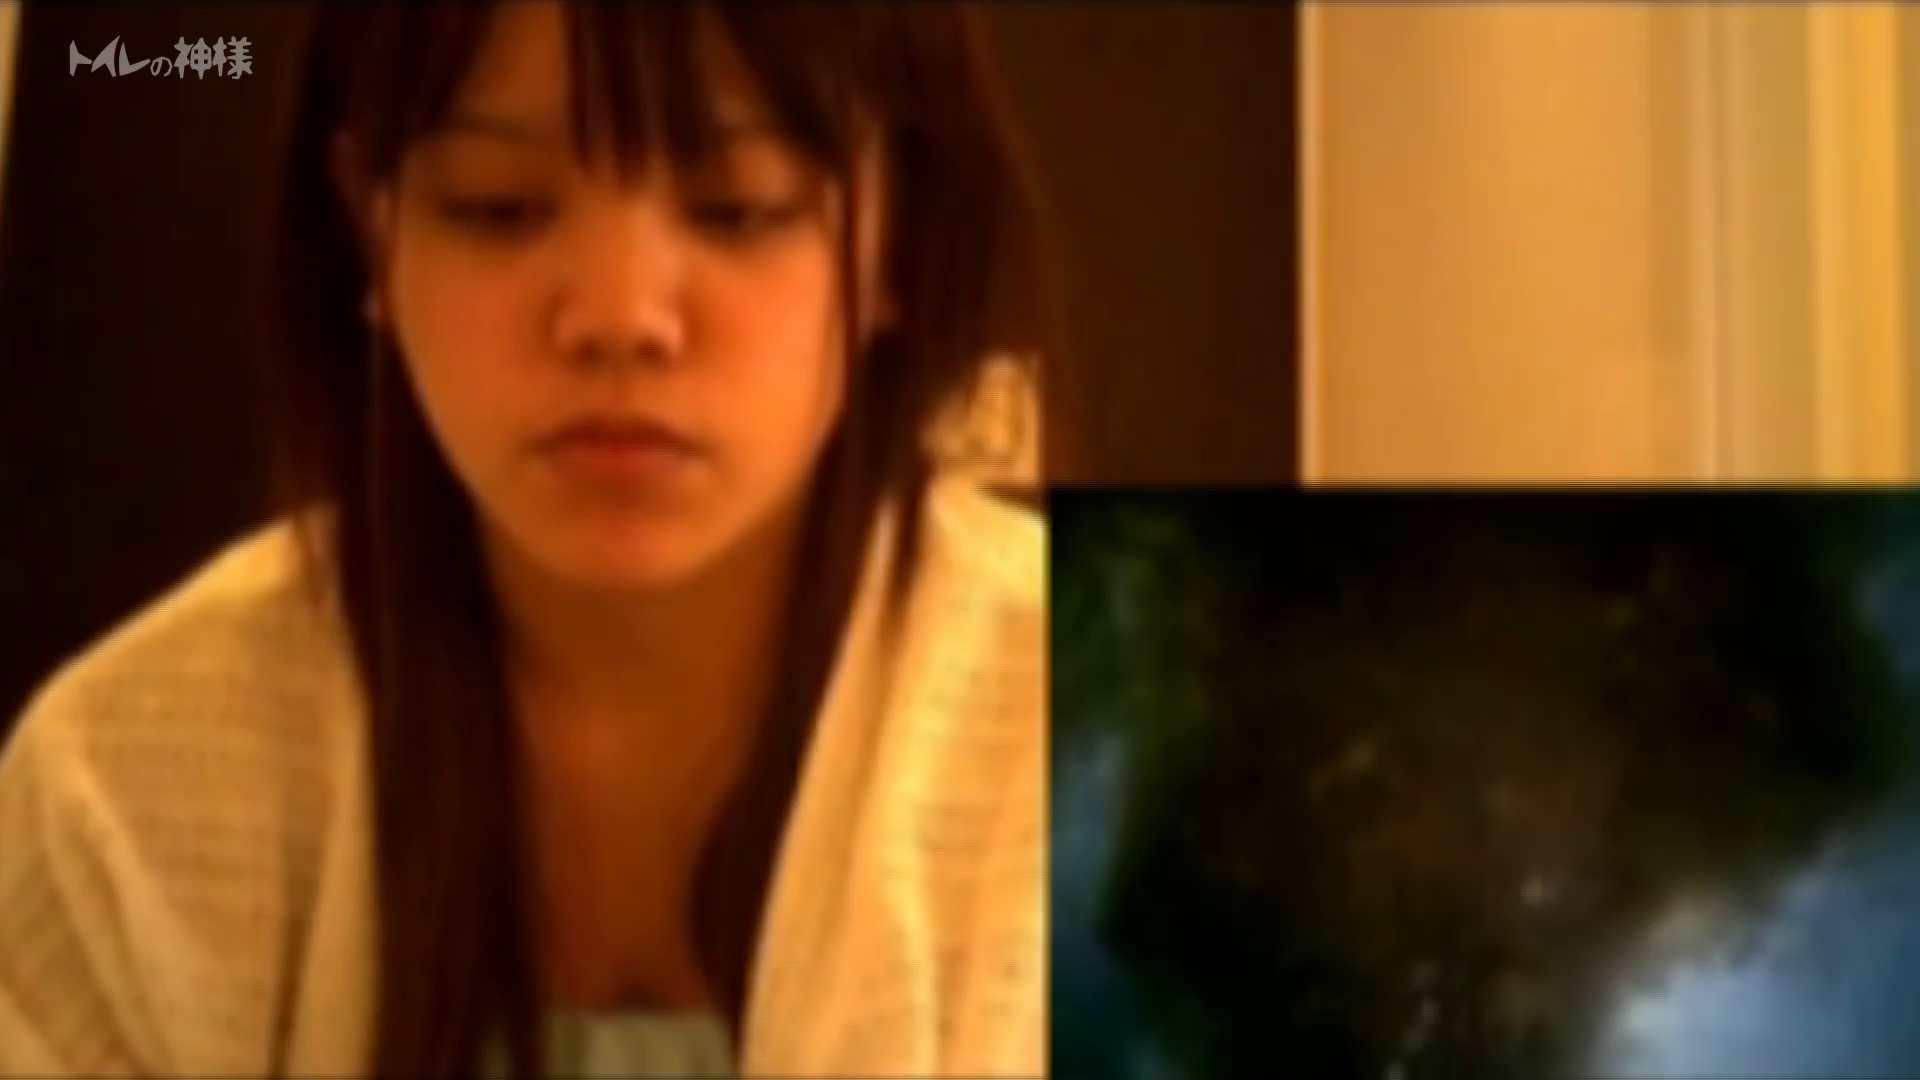 トイレの神様 Vol.03 彼女のうんち隠し撮り ギャル  70PIX 10